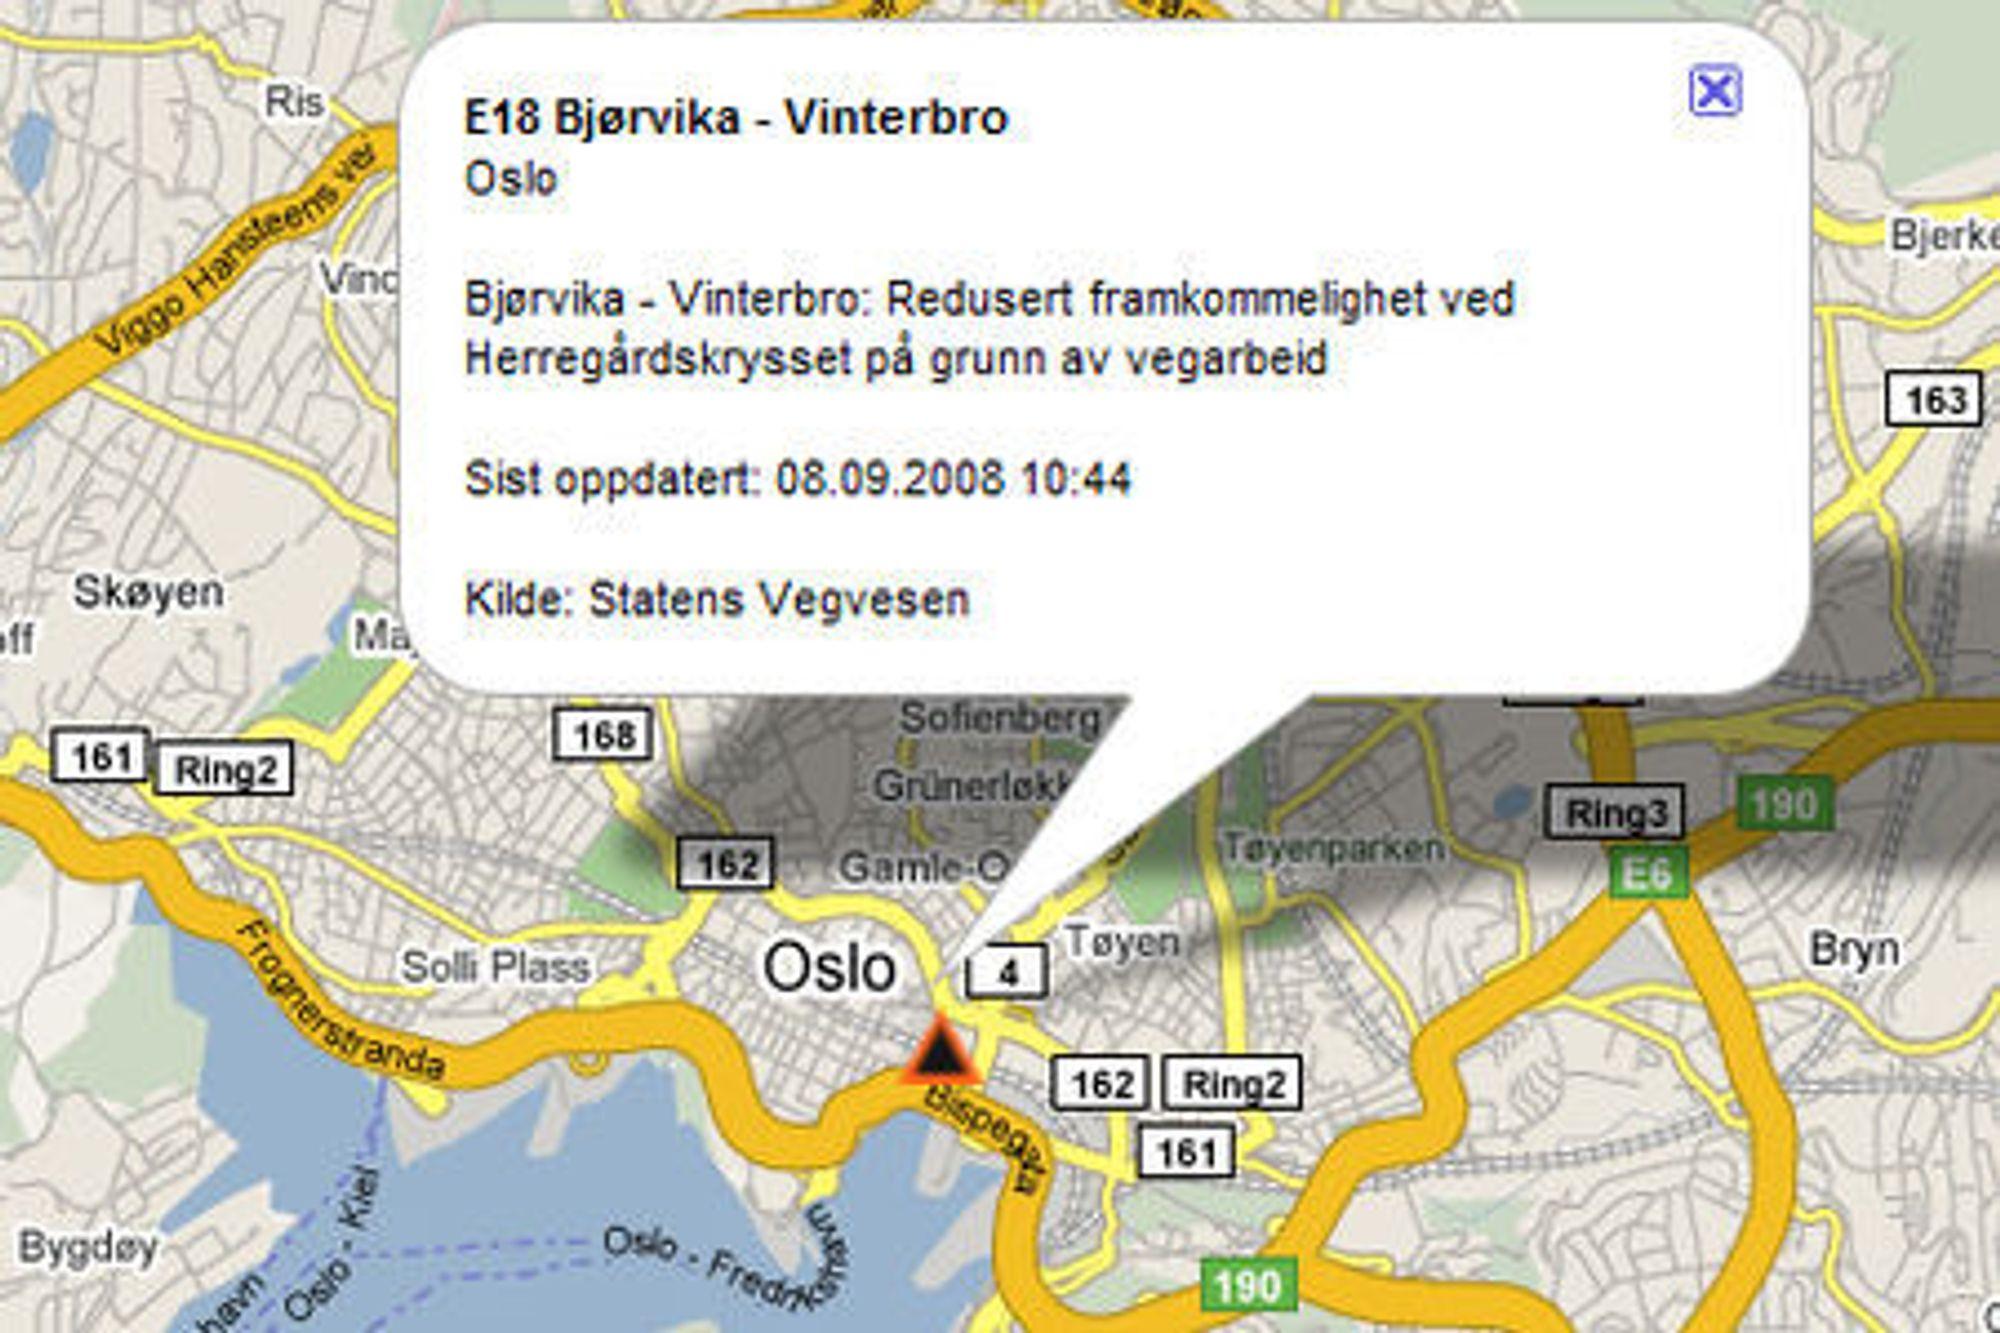 P4 tilbyr trafikkmeldinger med stedsanvisning som er integrert med kart fra Google. Denne uken vil de begynne å dele ut dataene fritt til alle. (Skjermbilde: trafikkflyt.no)